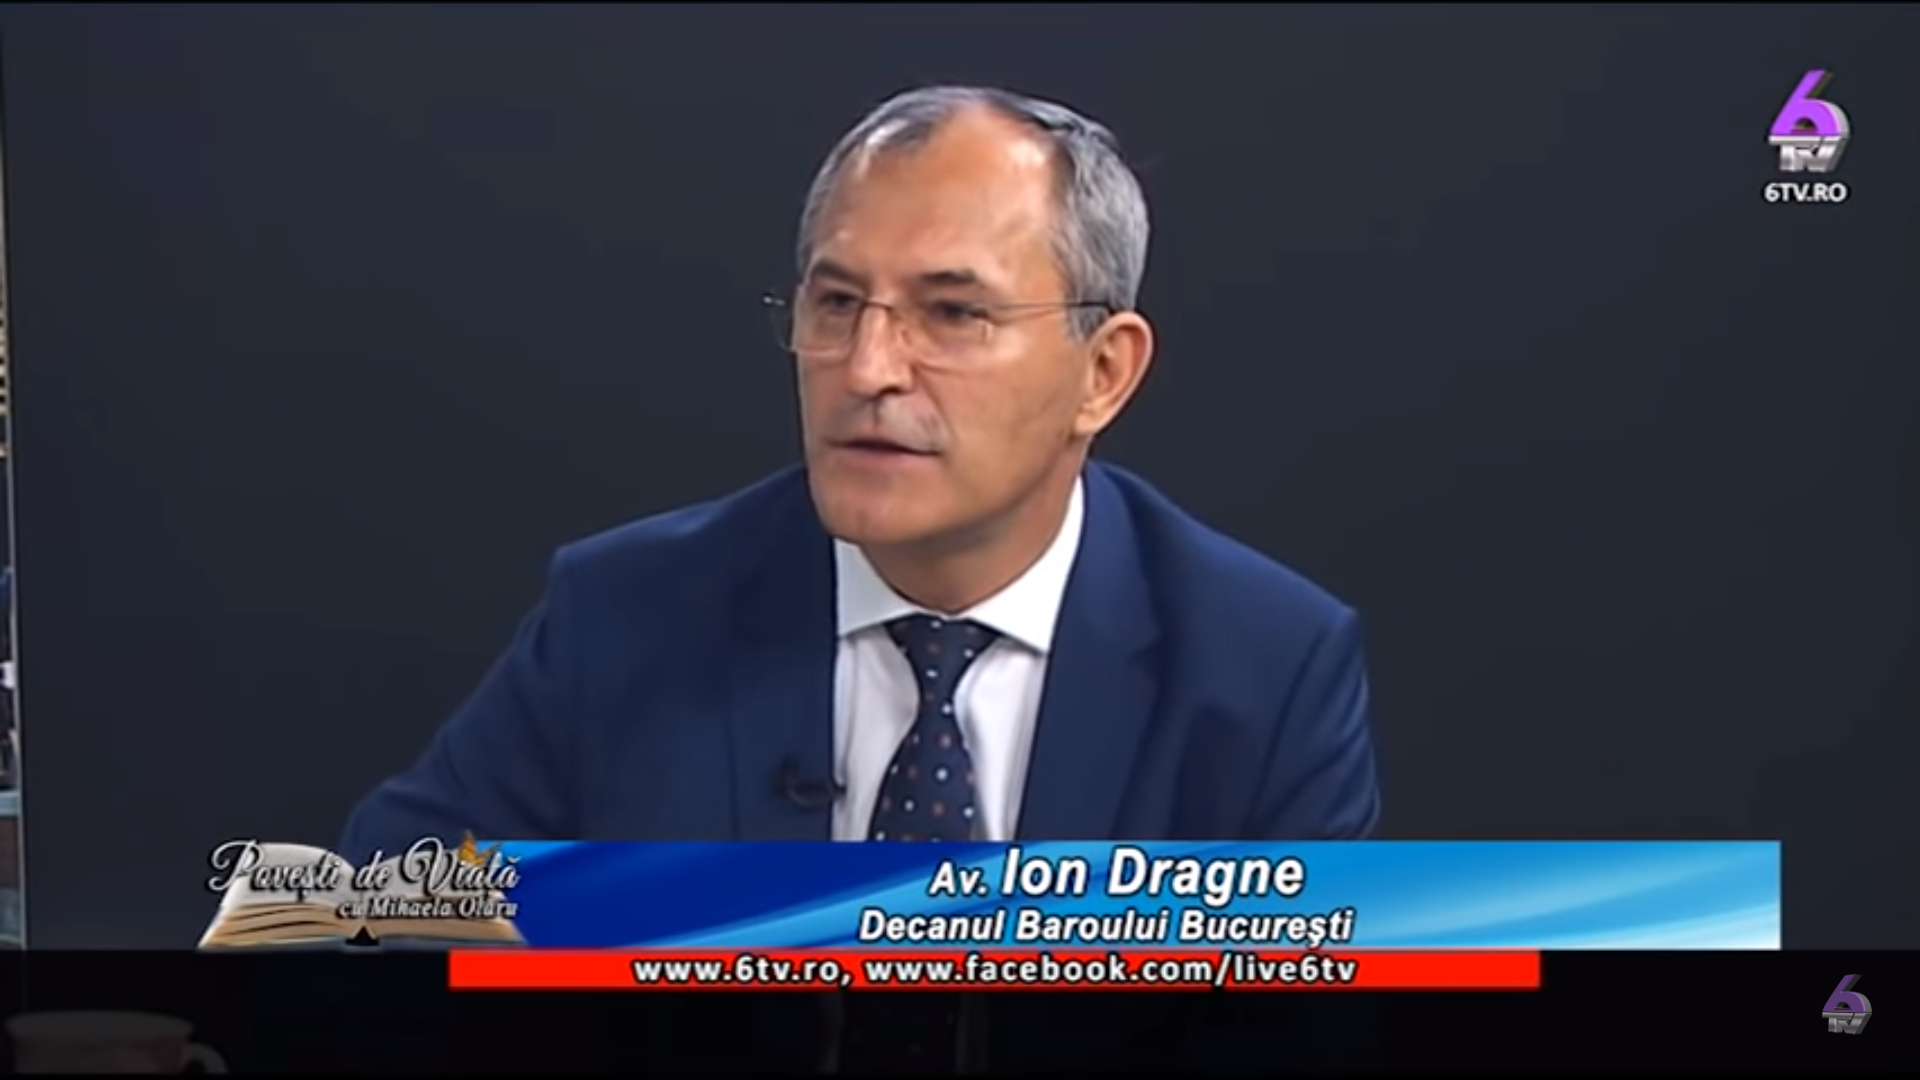 10. Avocat Ion Dragne - Decanul Baroului București